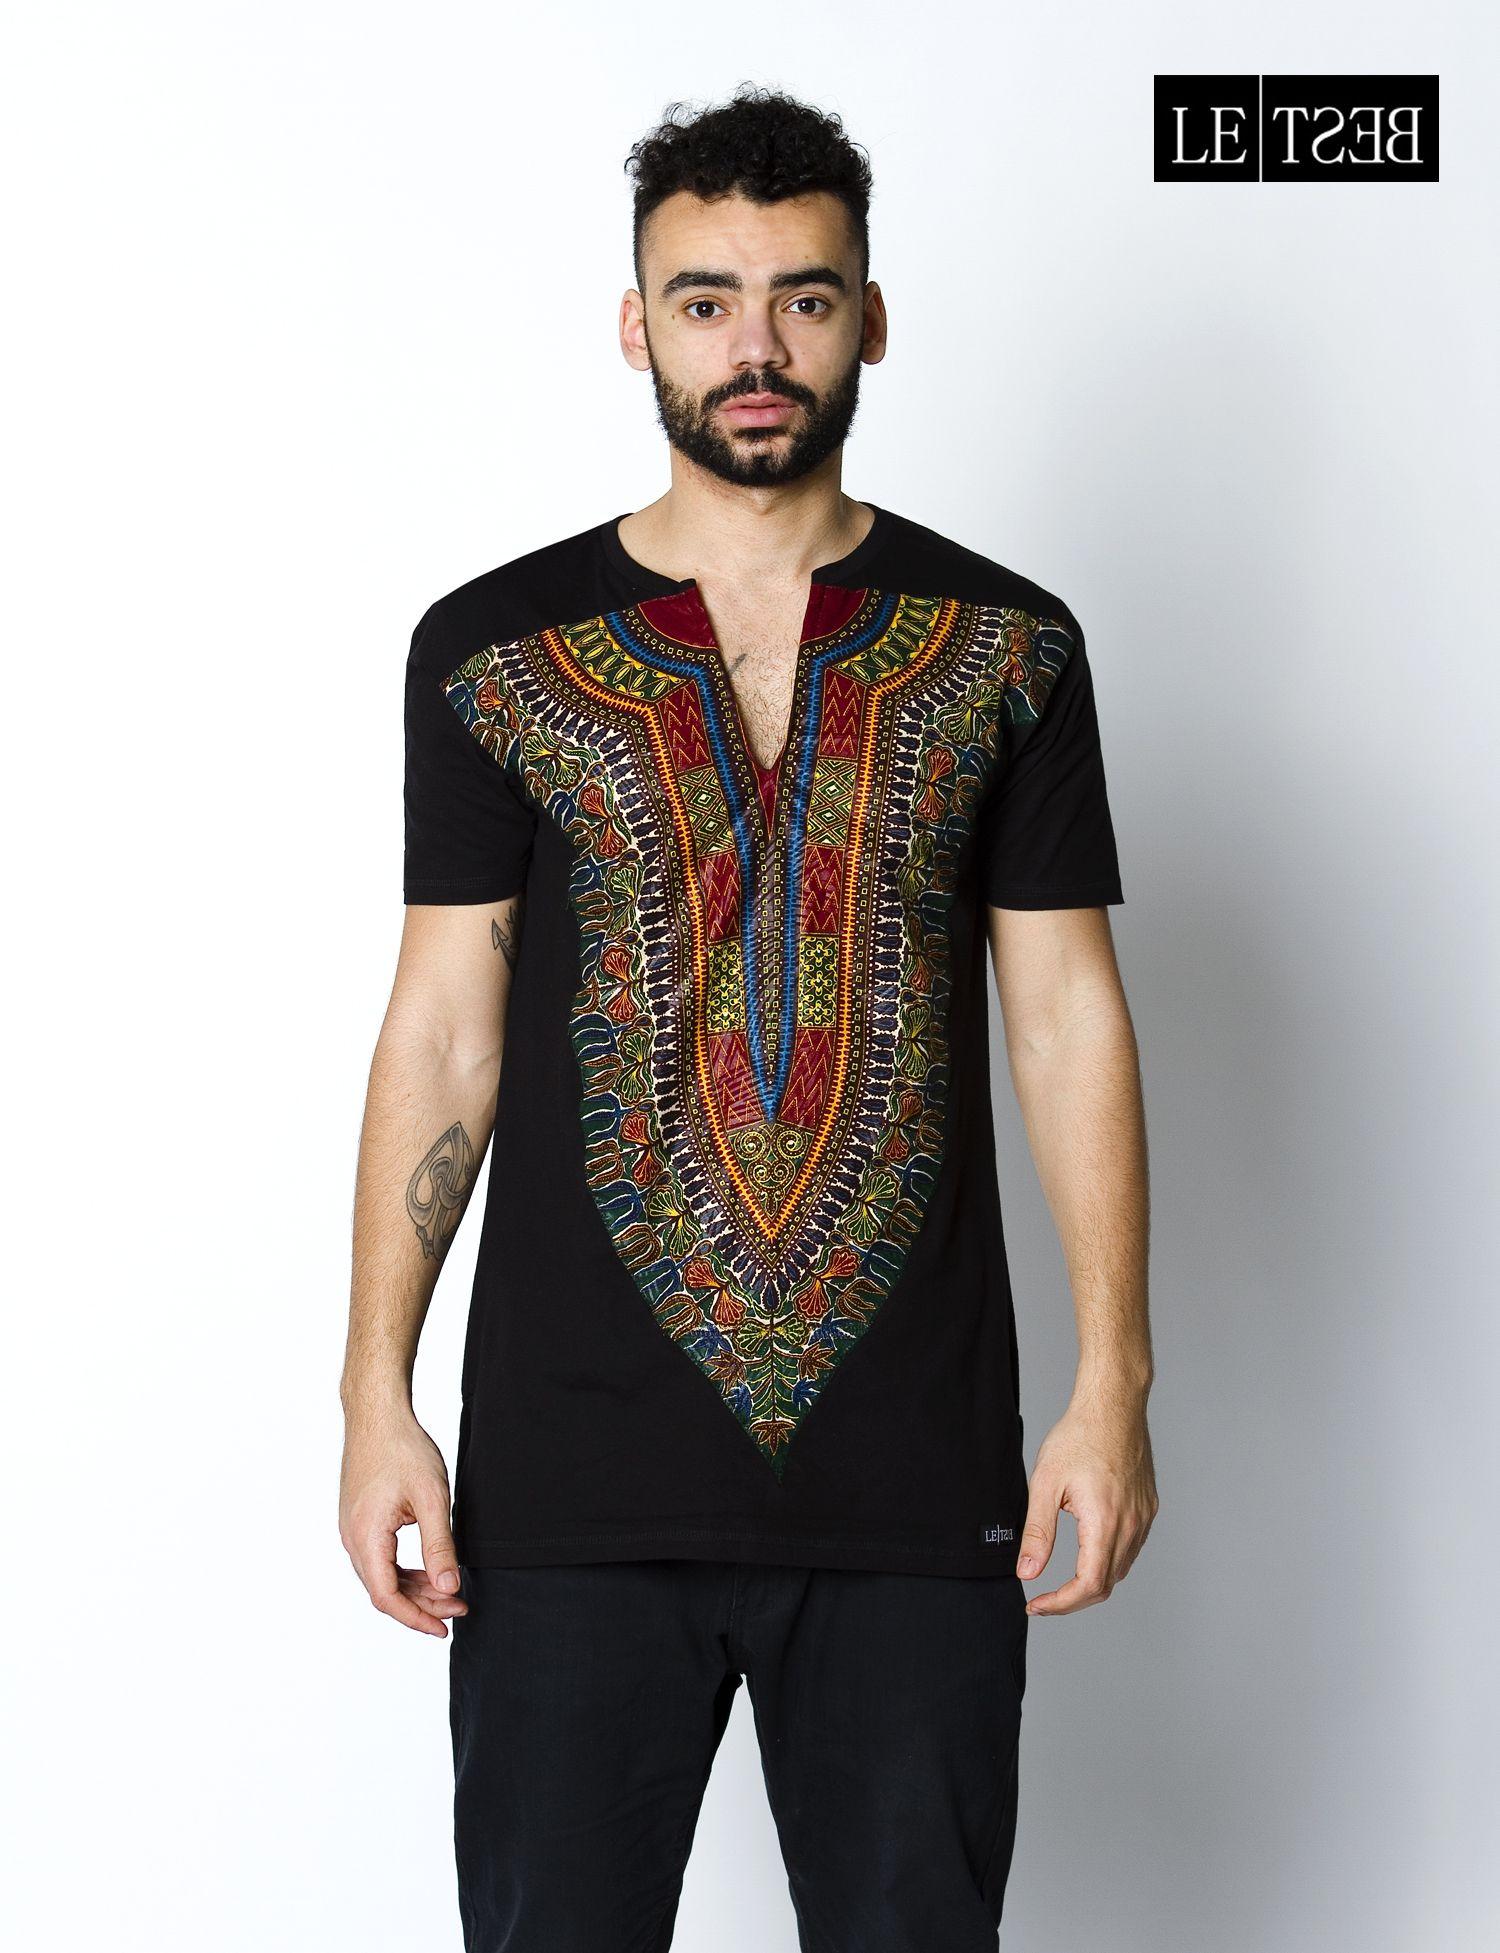 Dashiki handmade lebest tshirt africastyle africa style